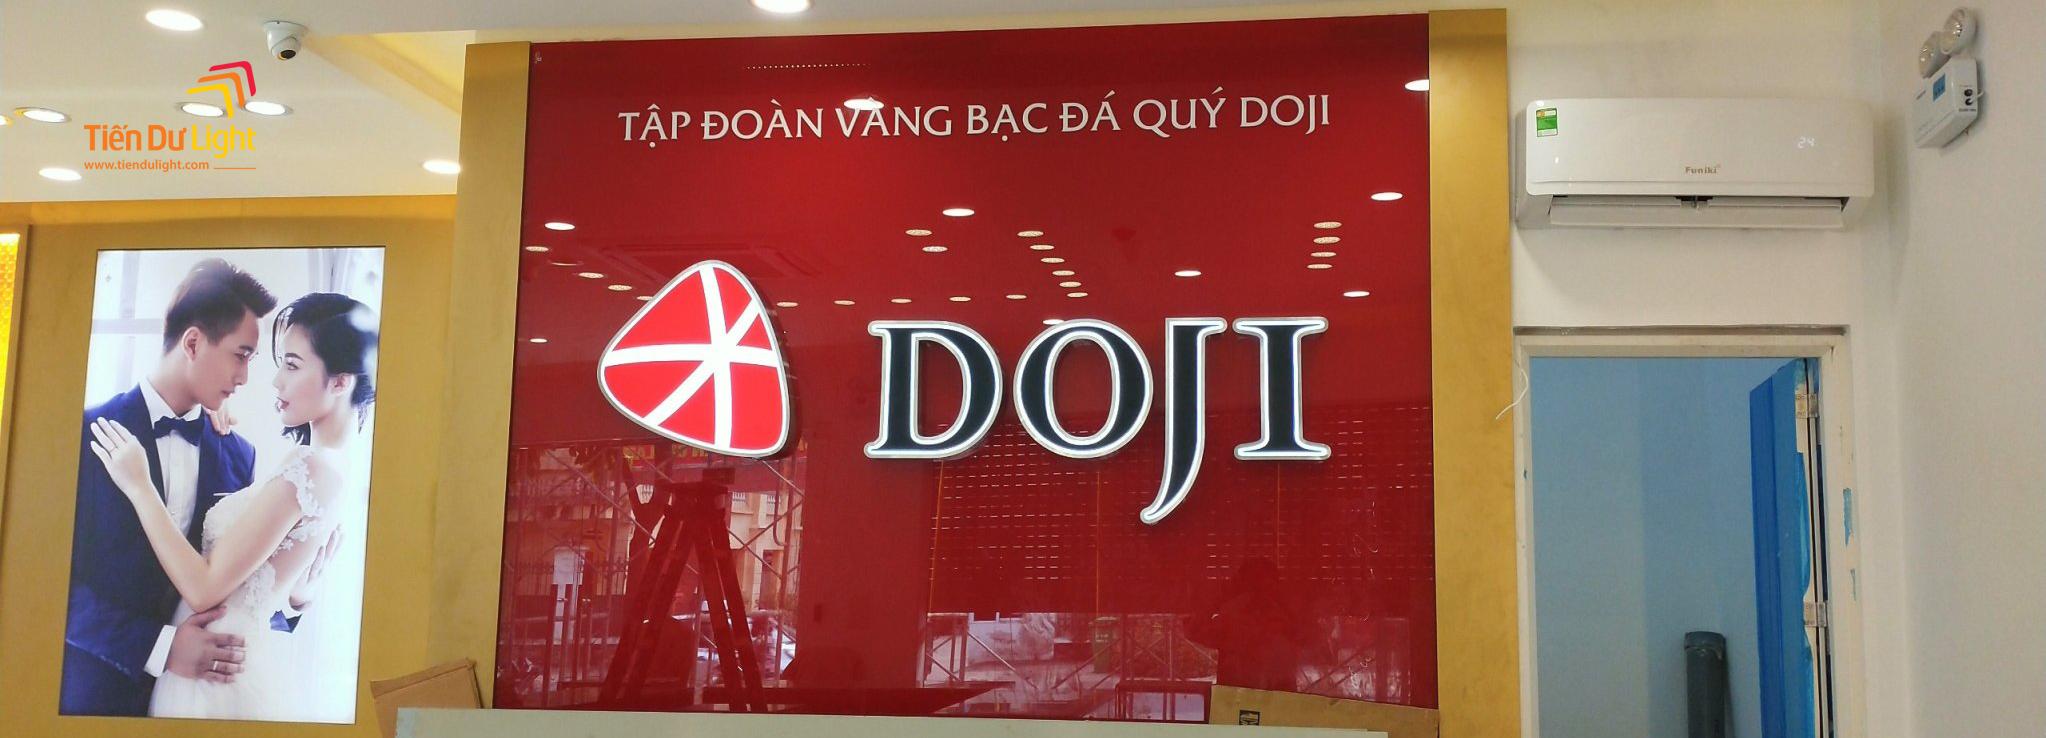 Hoàn thành hạng mục trung tâm vàng bạc trang sức DOJI chi nhánh toàn quốc